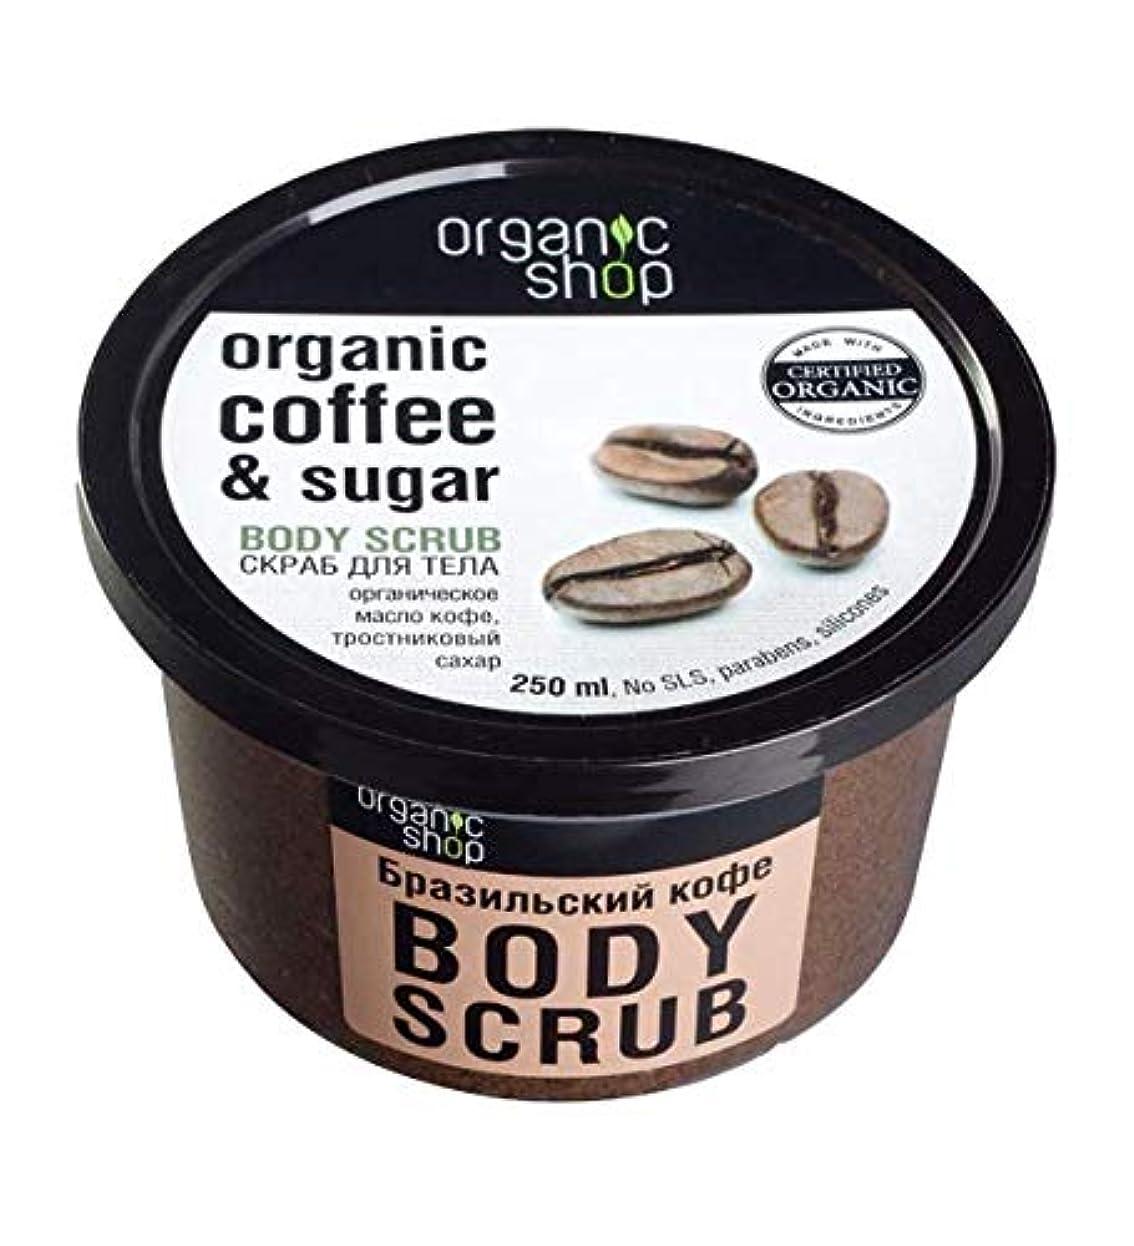 エイリアスラグ立ち寄る【話題沸騰中】ロシア産 ORGANIC SHOP オーガニック ショップ ボディスクラブ coffee&sugar 250ml 「ブラジルコーヒー」